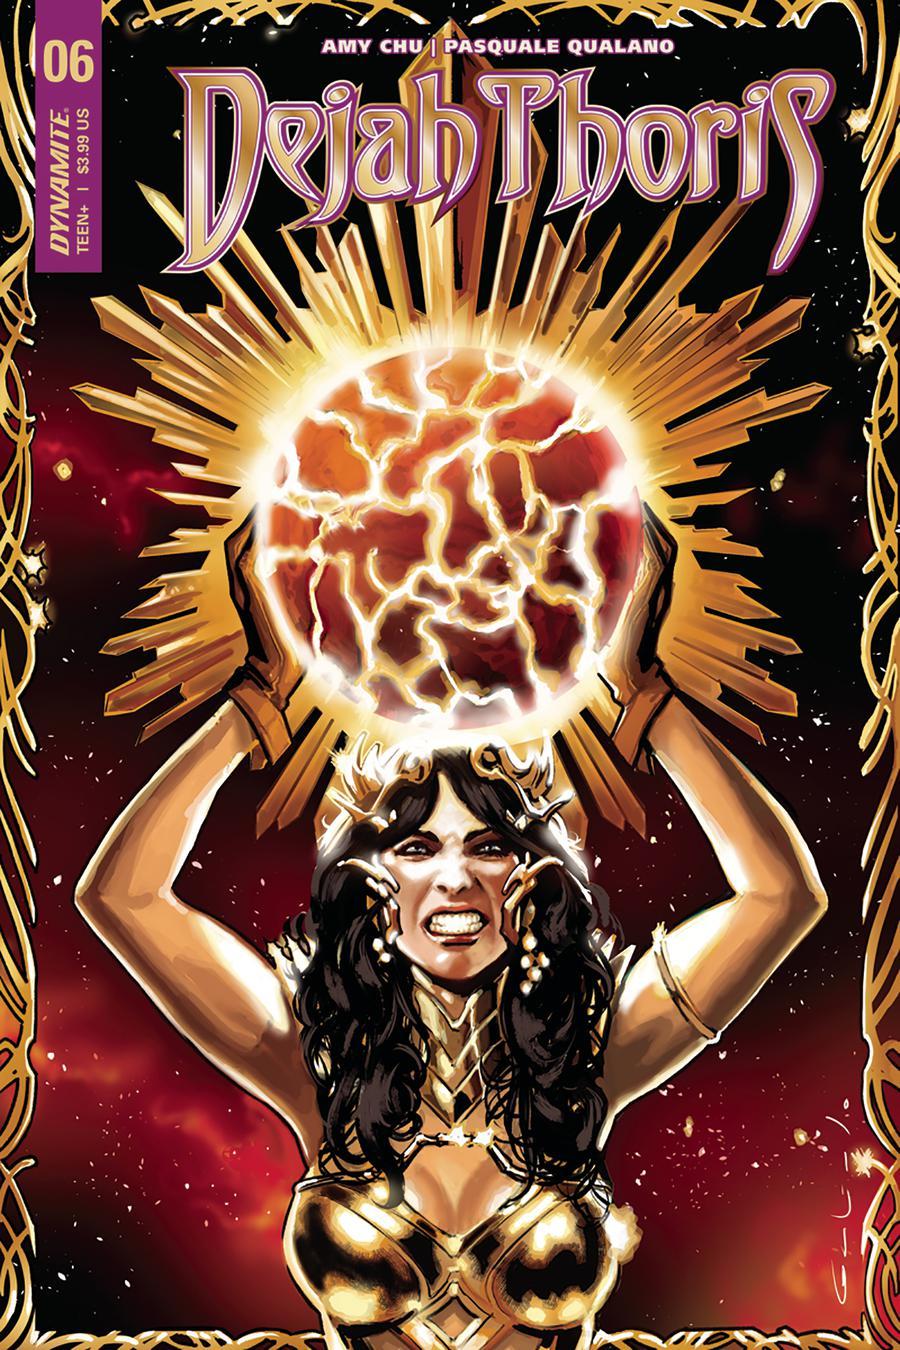 Dejah Thoris Vol 2 #6 Cover B Variant Diego Galindo Cover